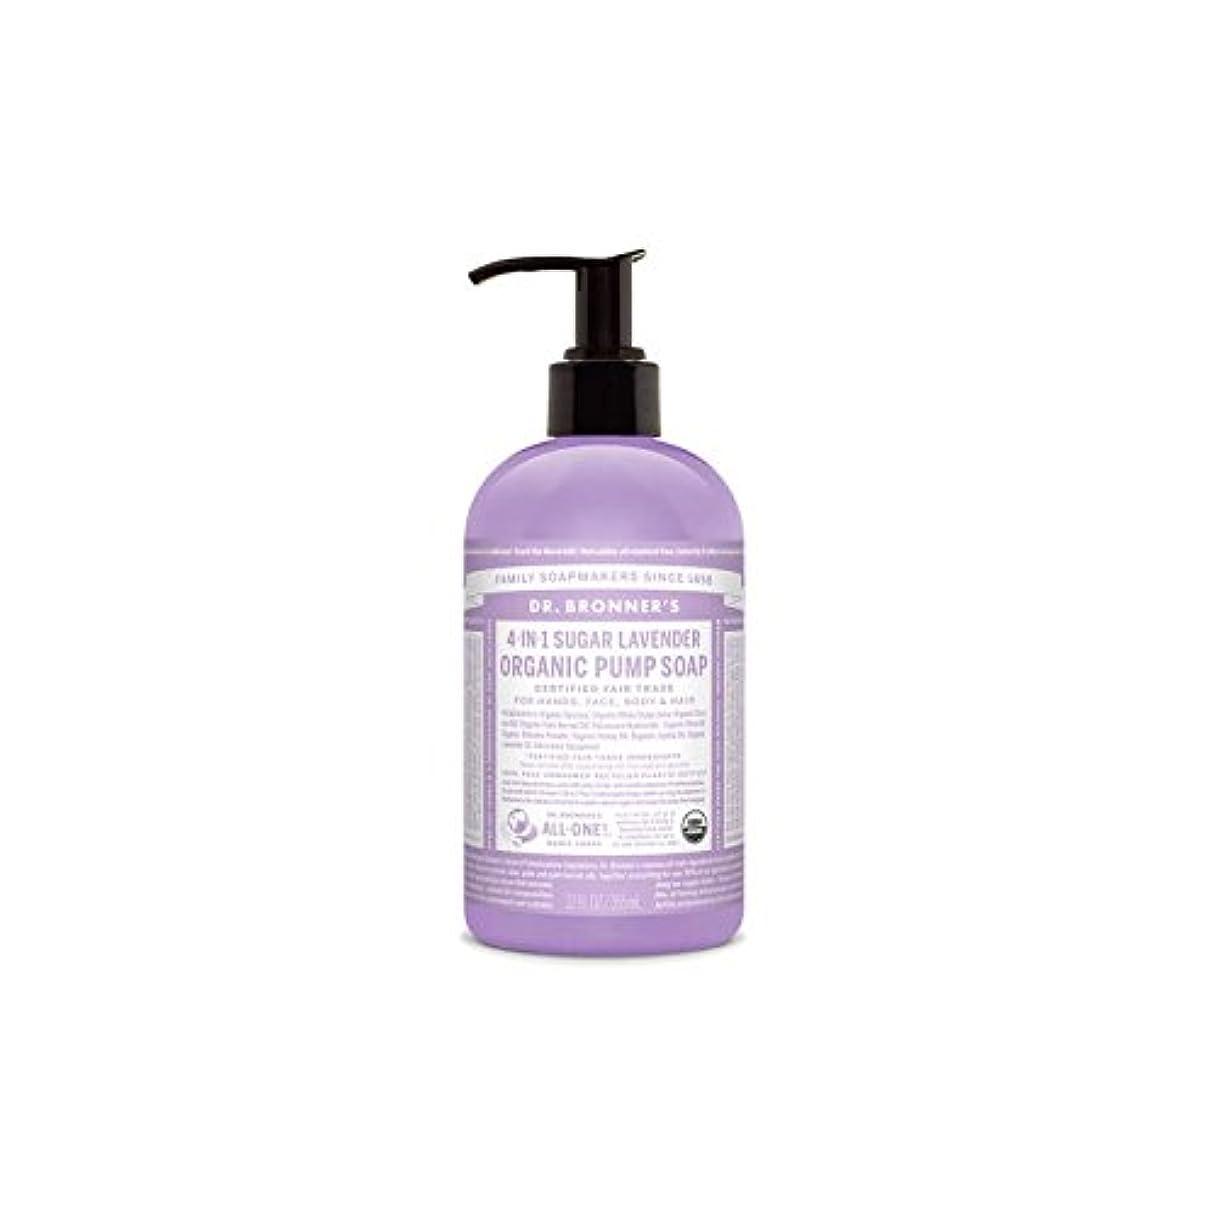 奇跡的な壊滅的なジャムブロナー有機ラベンダーハンドソープ(355ミリリットル) x2 - Dr. Bronner Organic Shikakai Lavender Hand Soap (355ml) (Pack of 2) [並行輸入品]